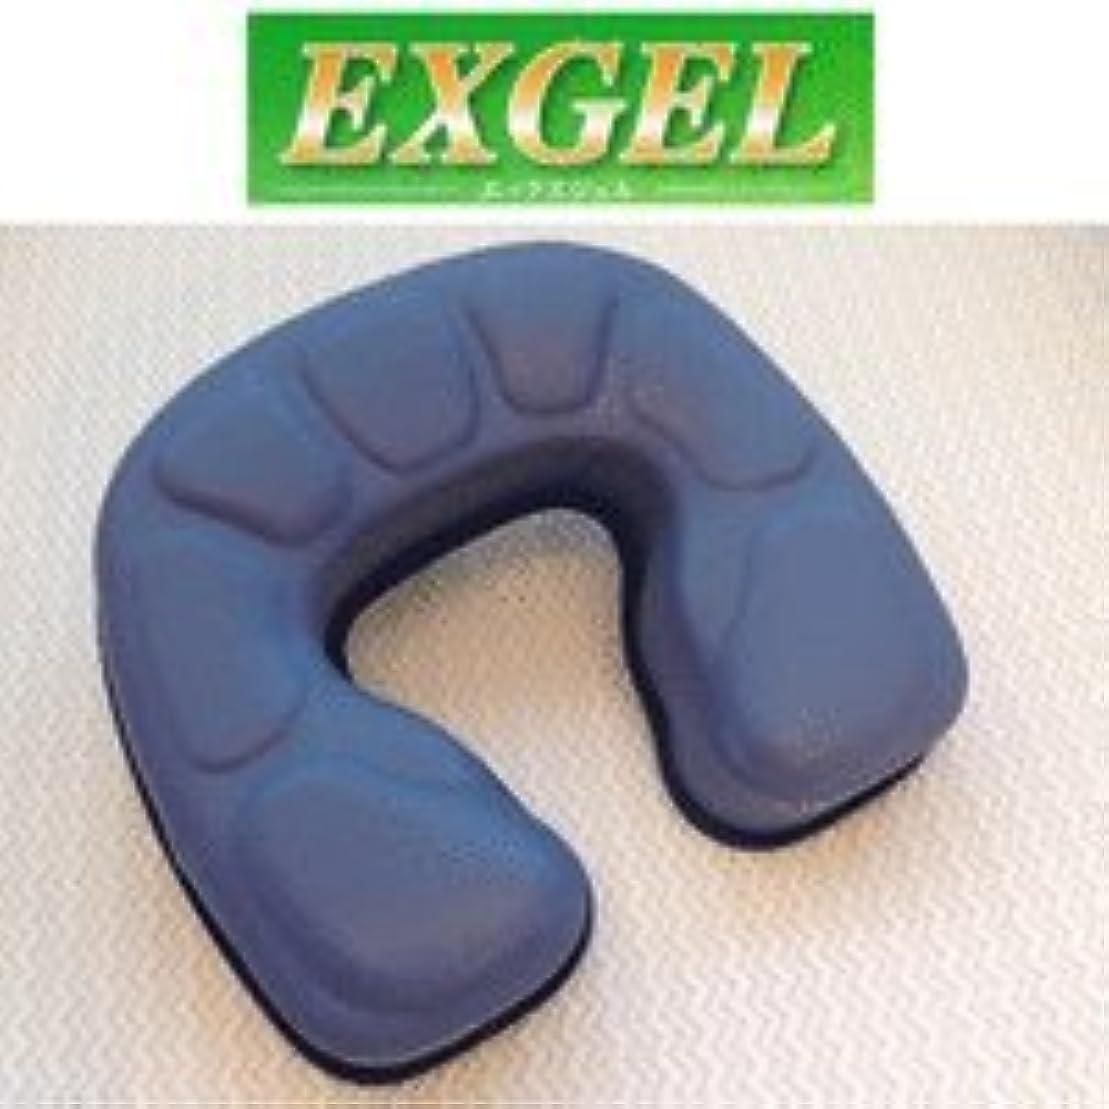 驚いた繁殖トレードEXGEL(エックスジェル) EXフェイスマット 25×26×6cm (カナケン治療?施術用枕) うつぶせ寝まくら KT-297